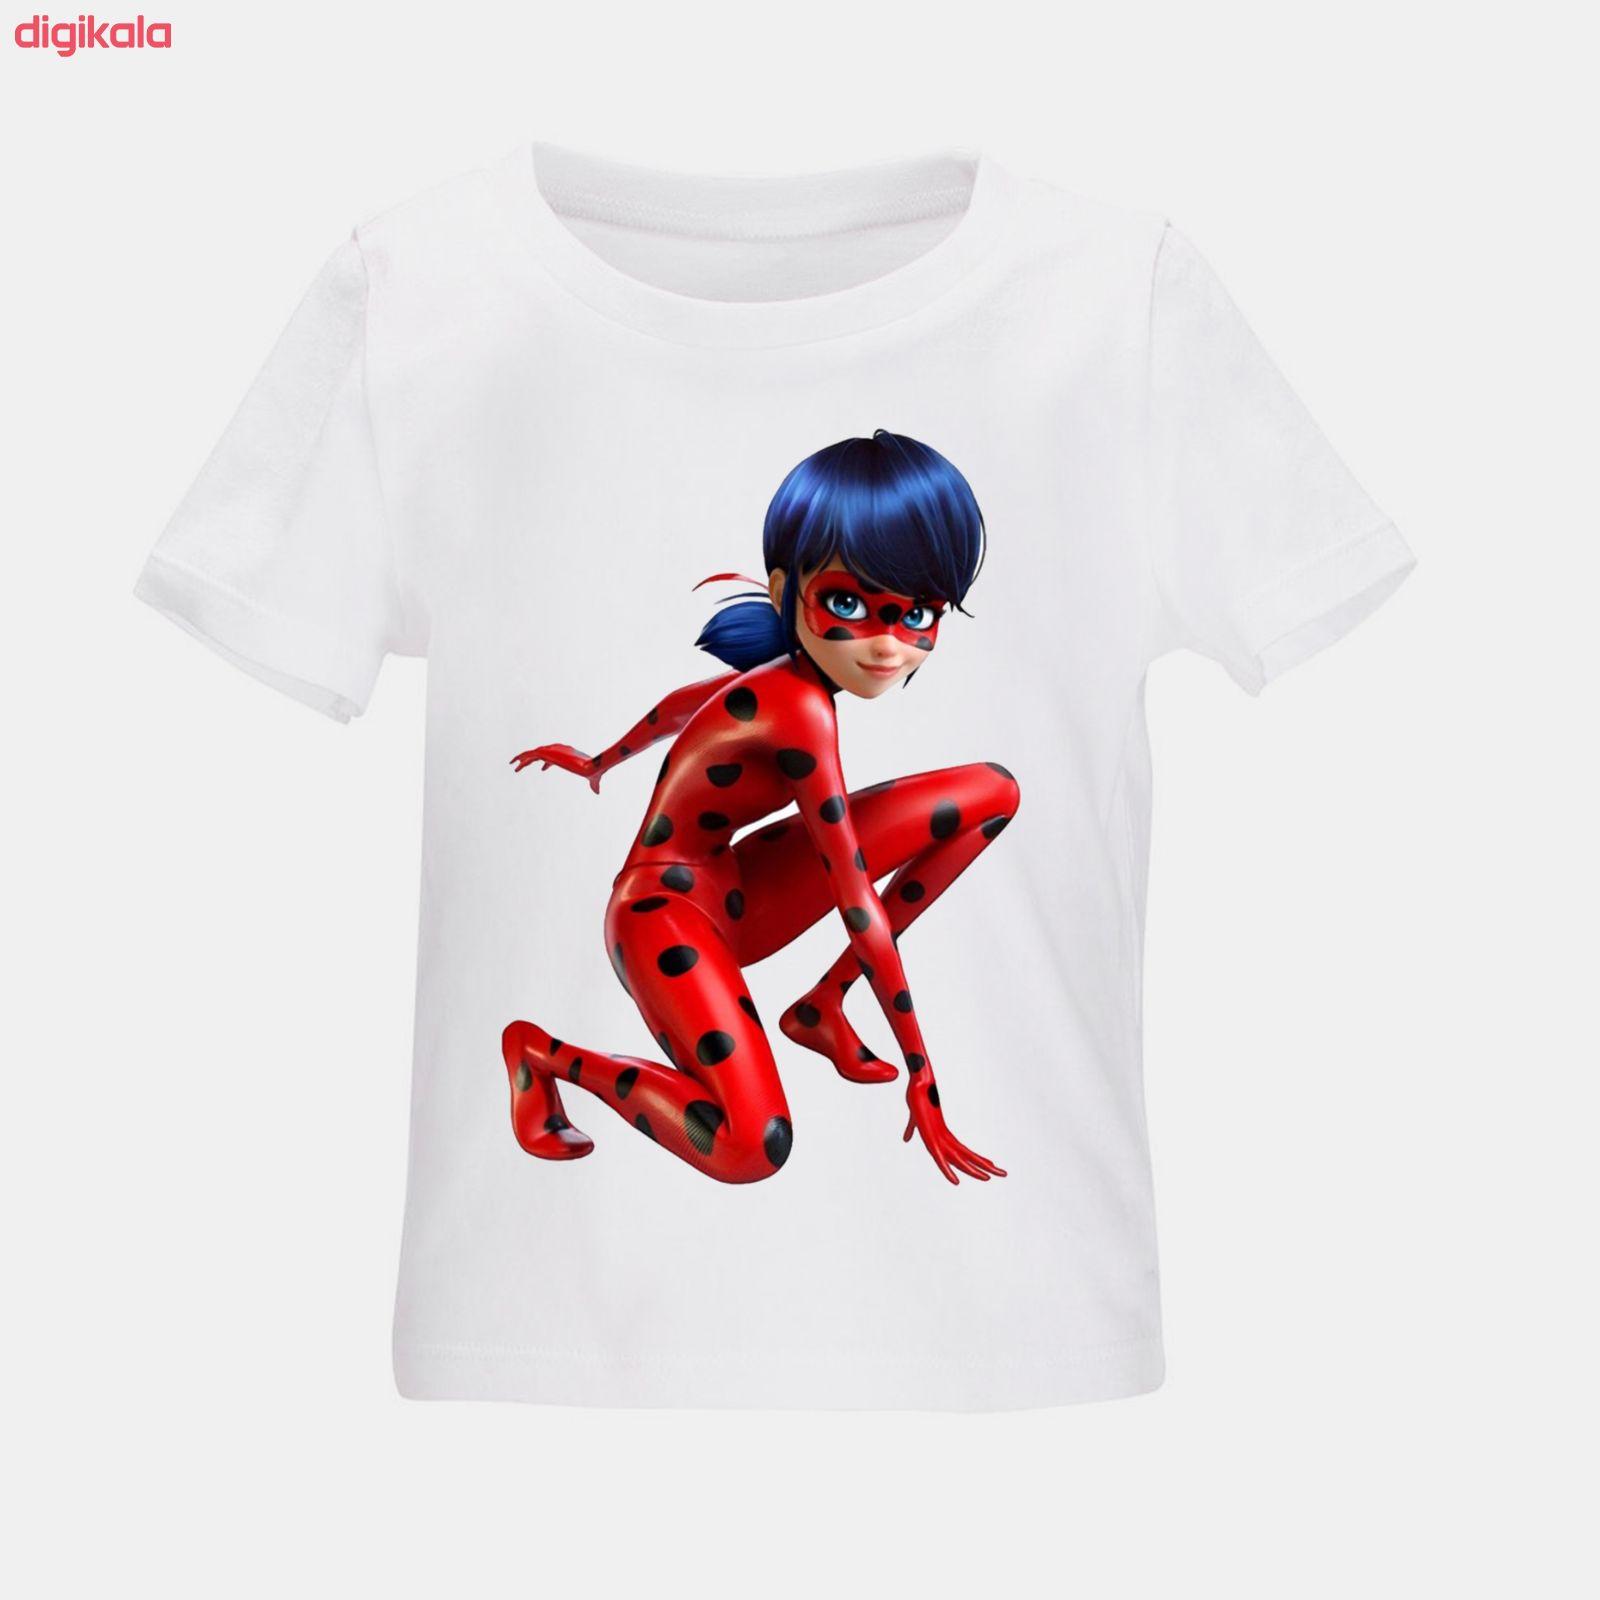 تی شرت بچگانه طرح دختر کفشدوزکی کد TSb27 main 1 1